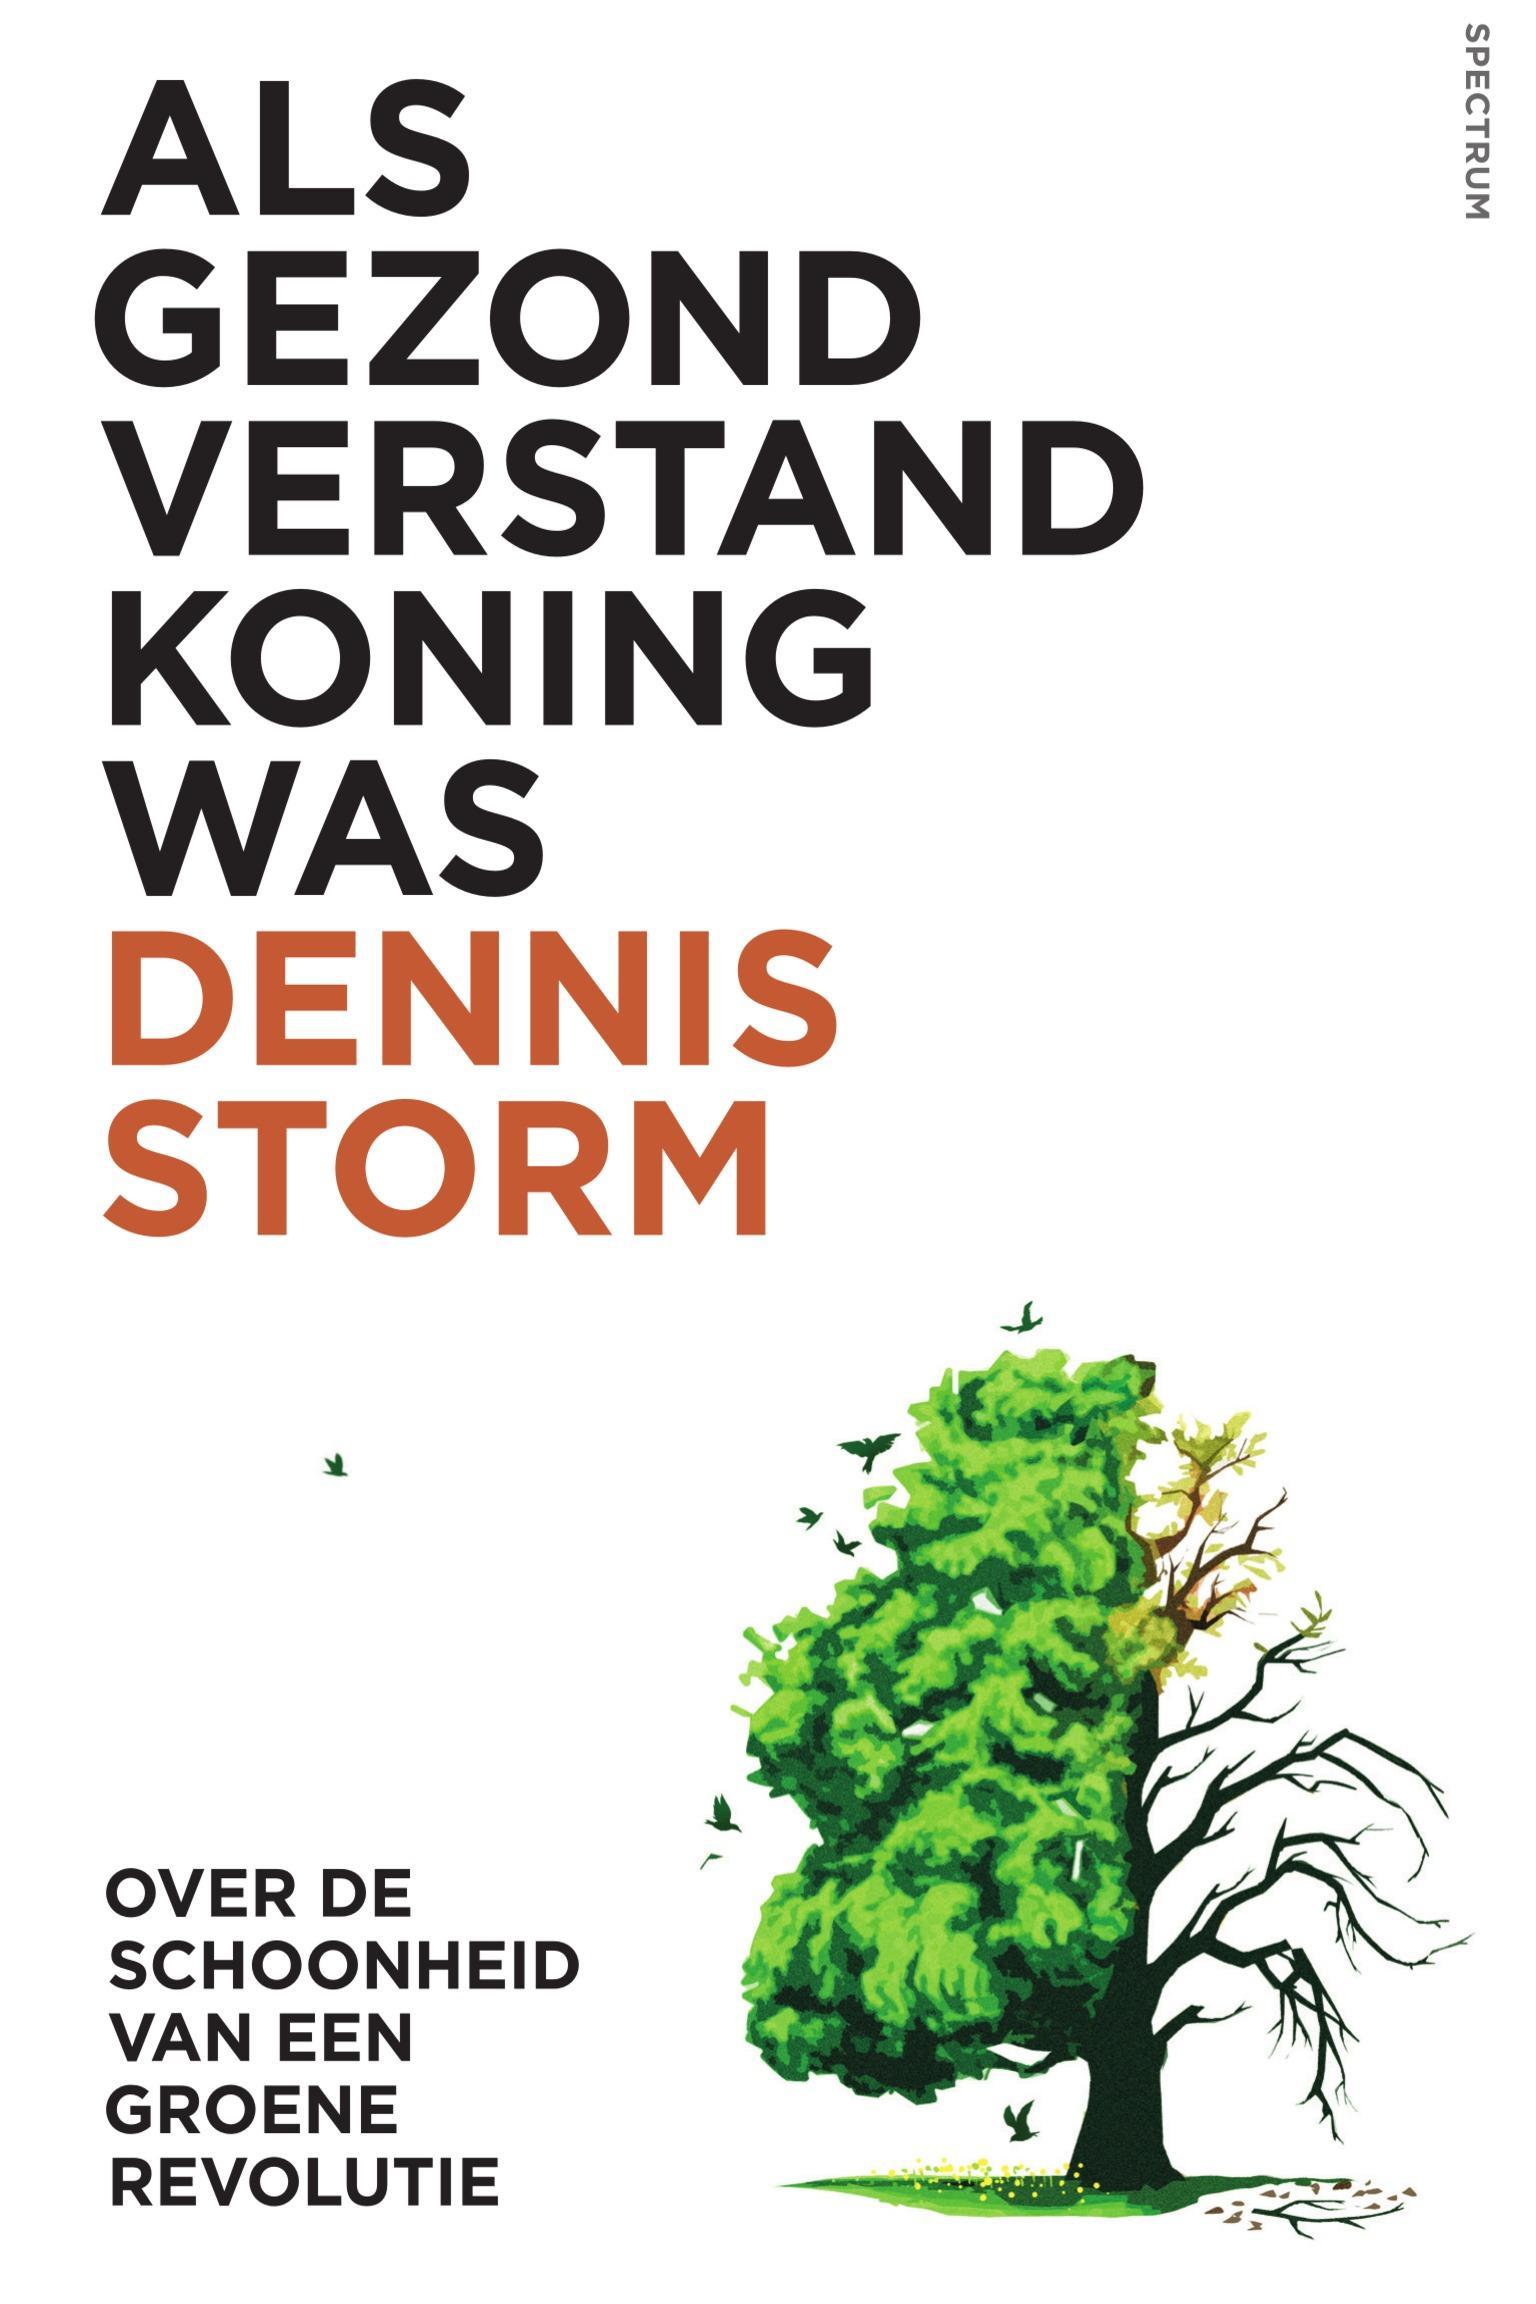 Dennis storm